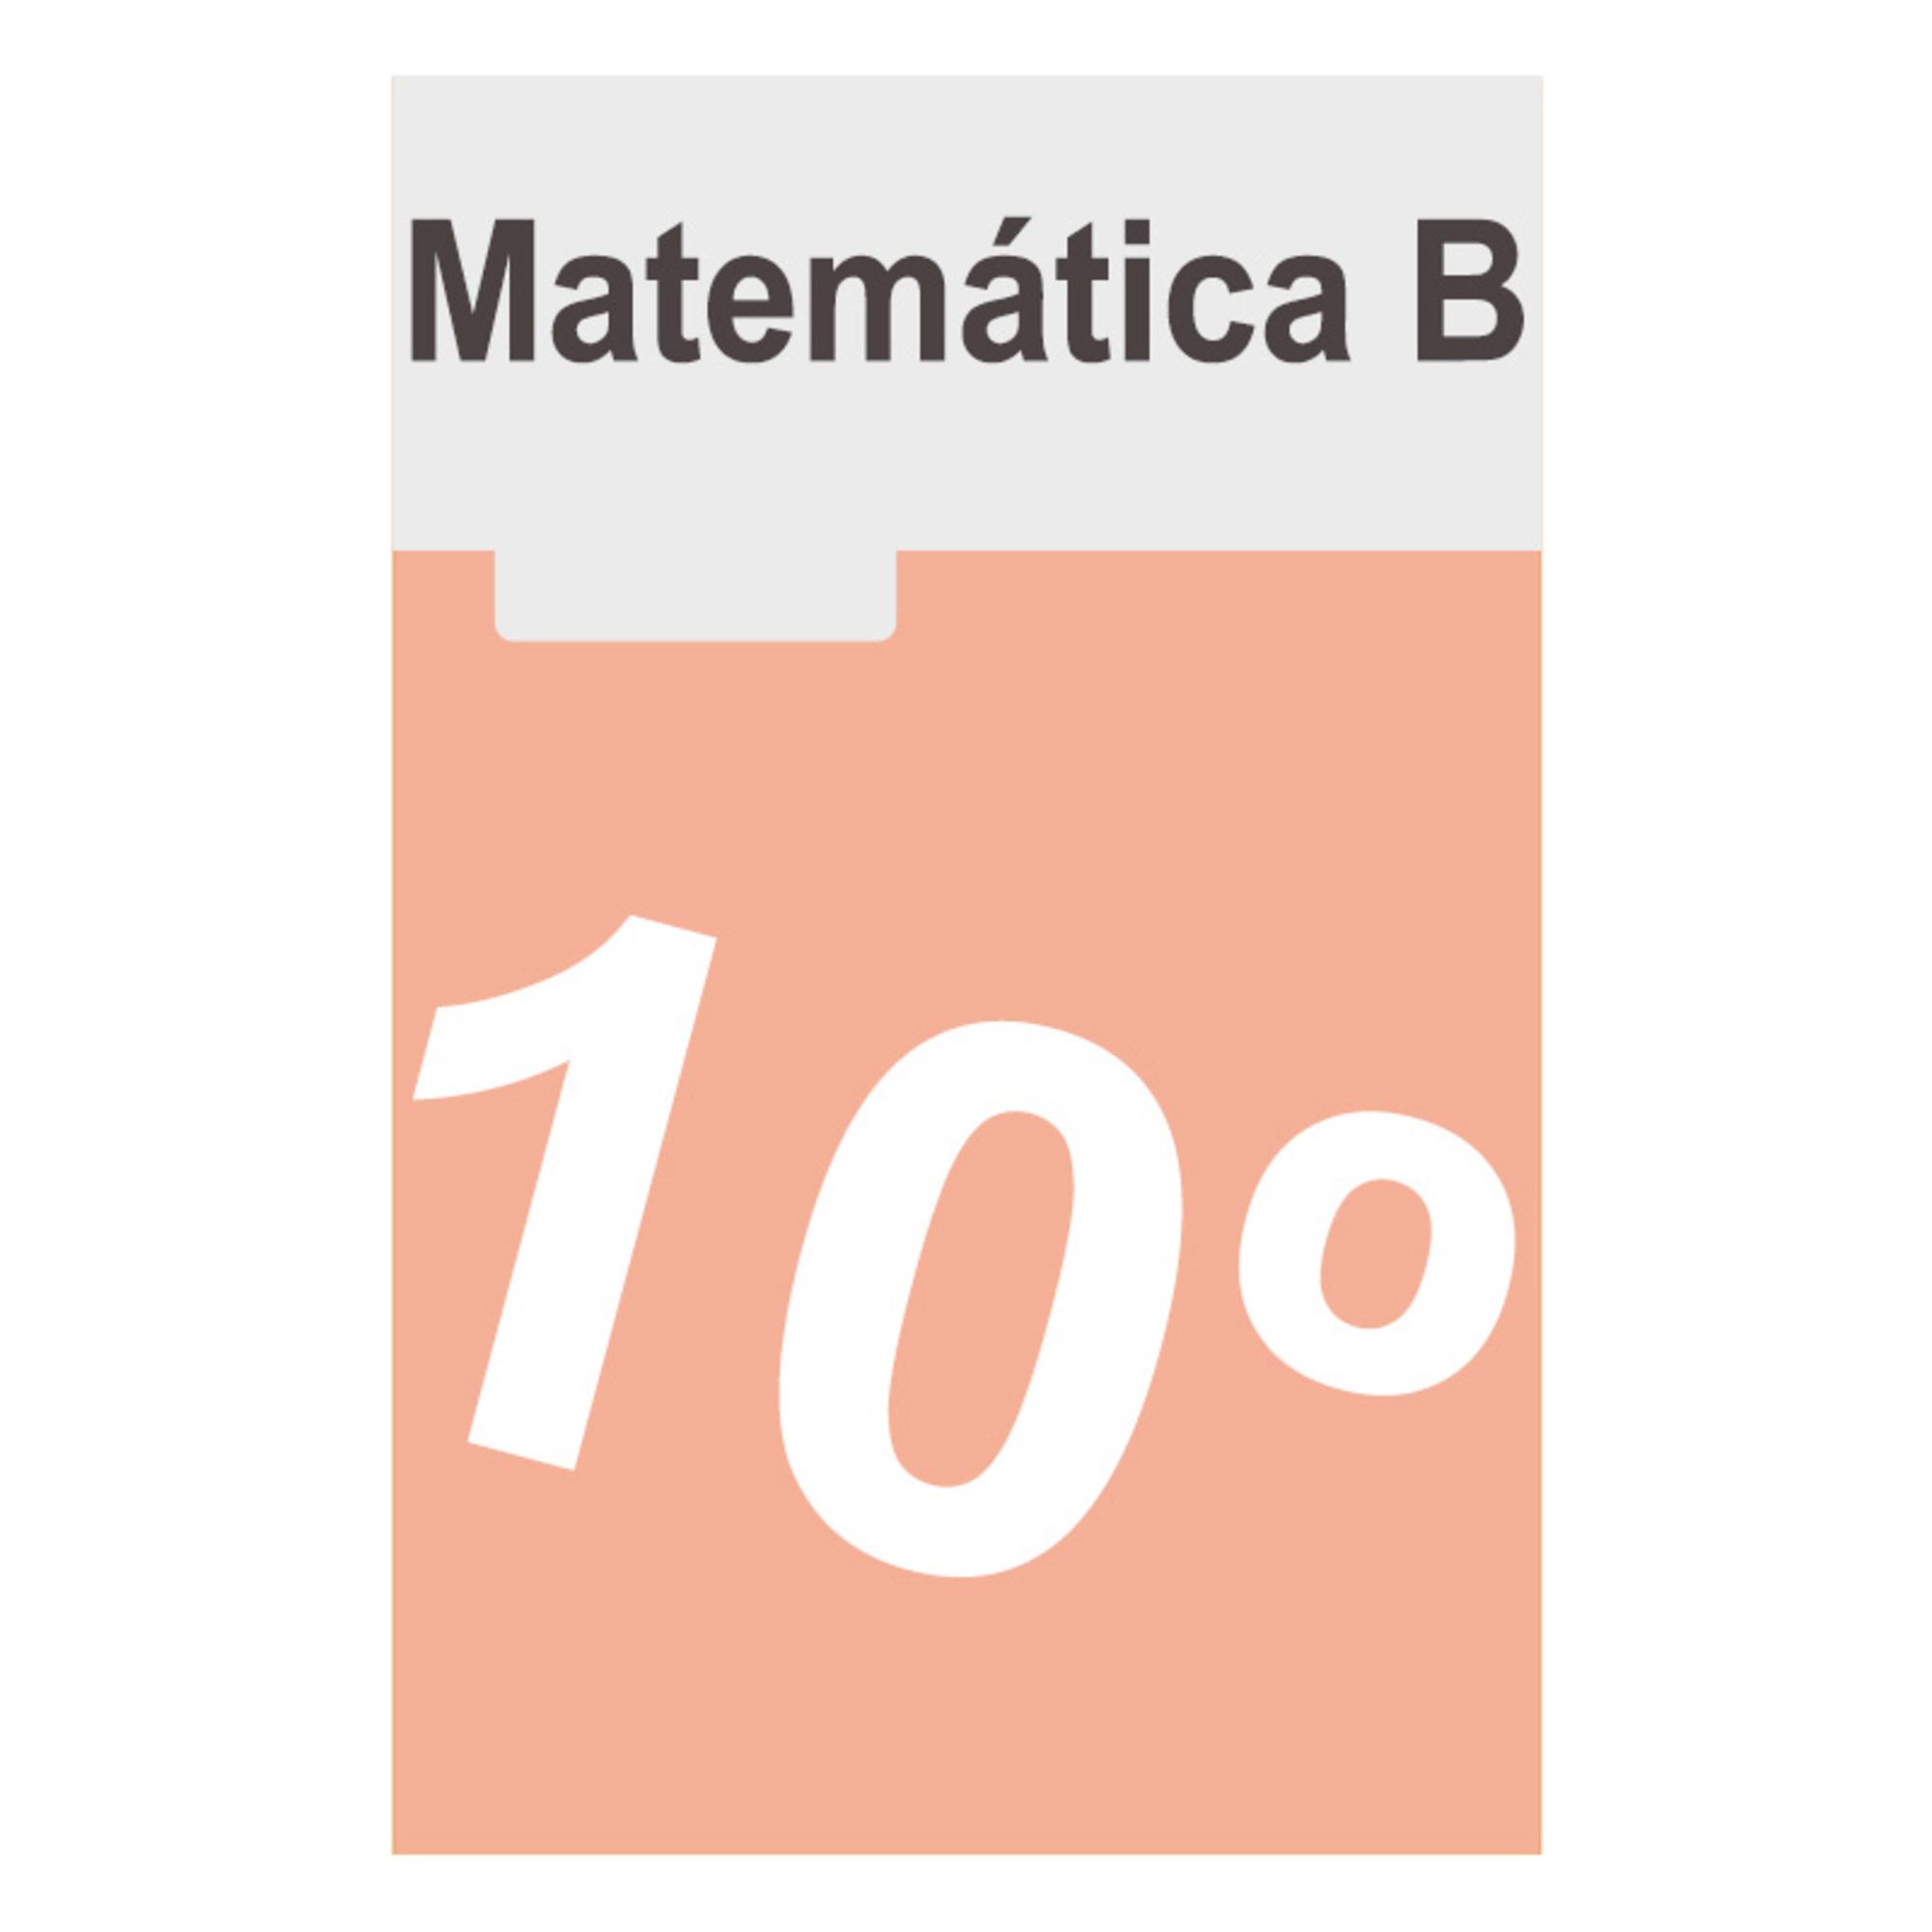 PORTO EDITORA - PORTO EDITORA Manual Novo Espaço (Matemática B; 10º Ano)